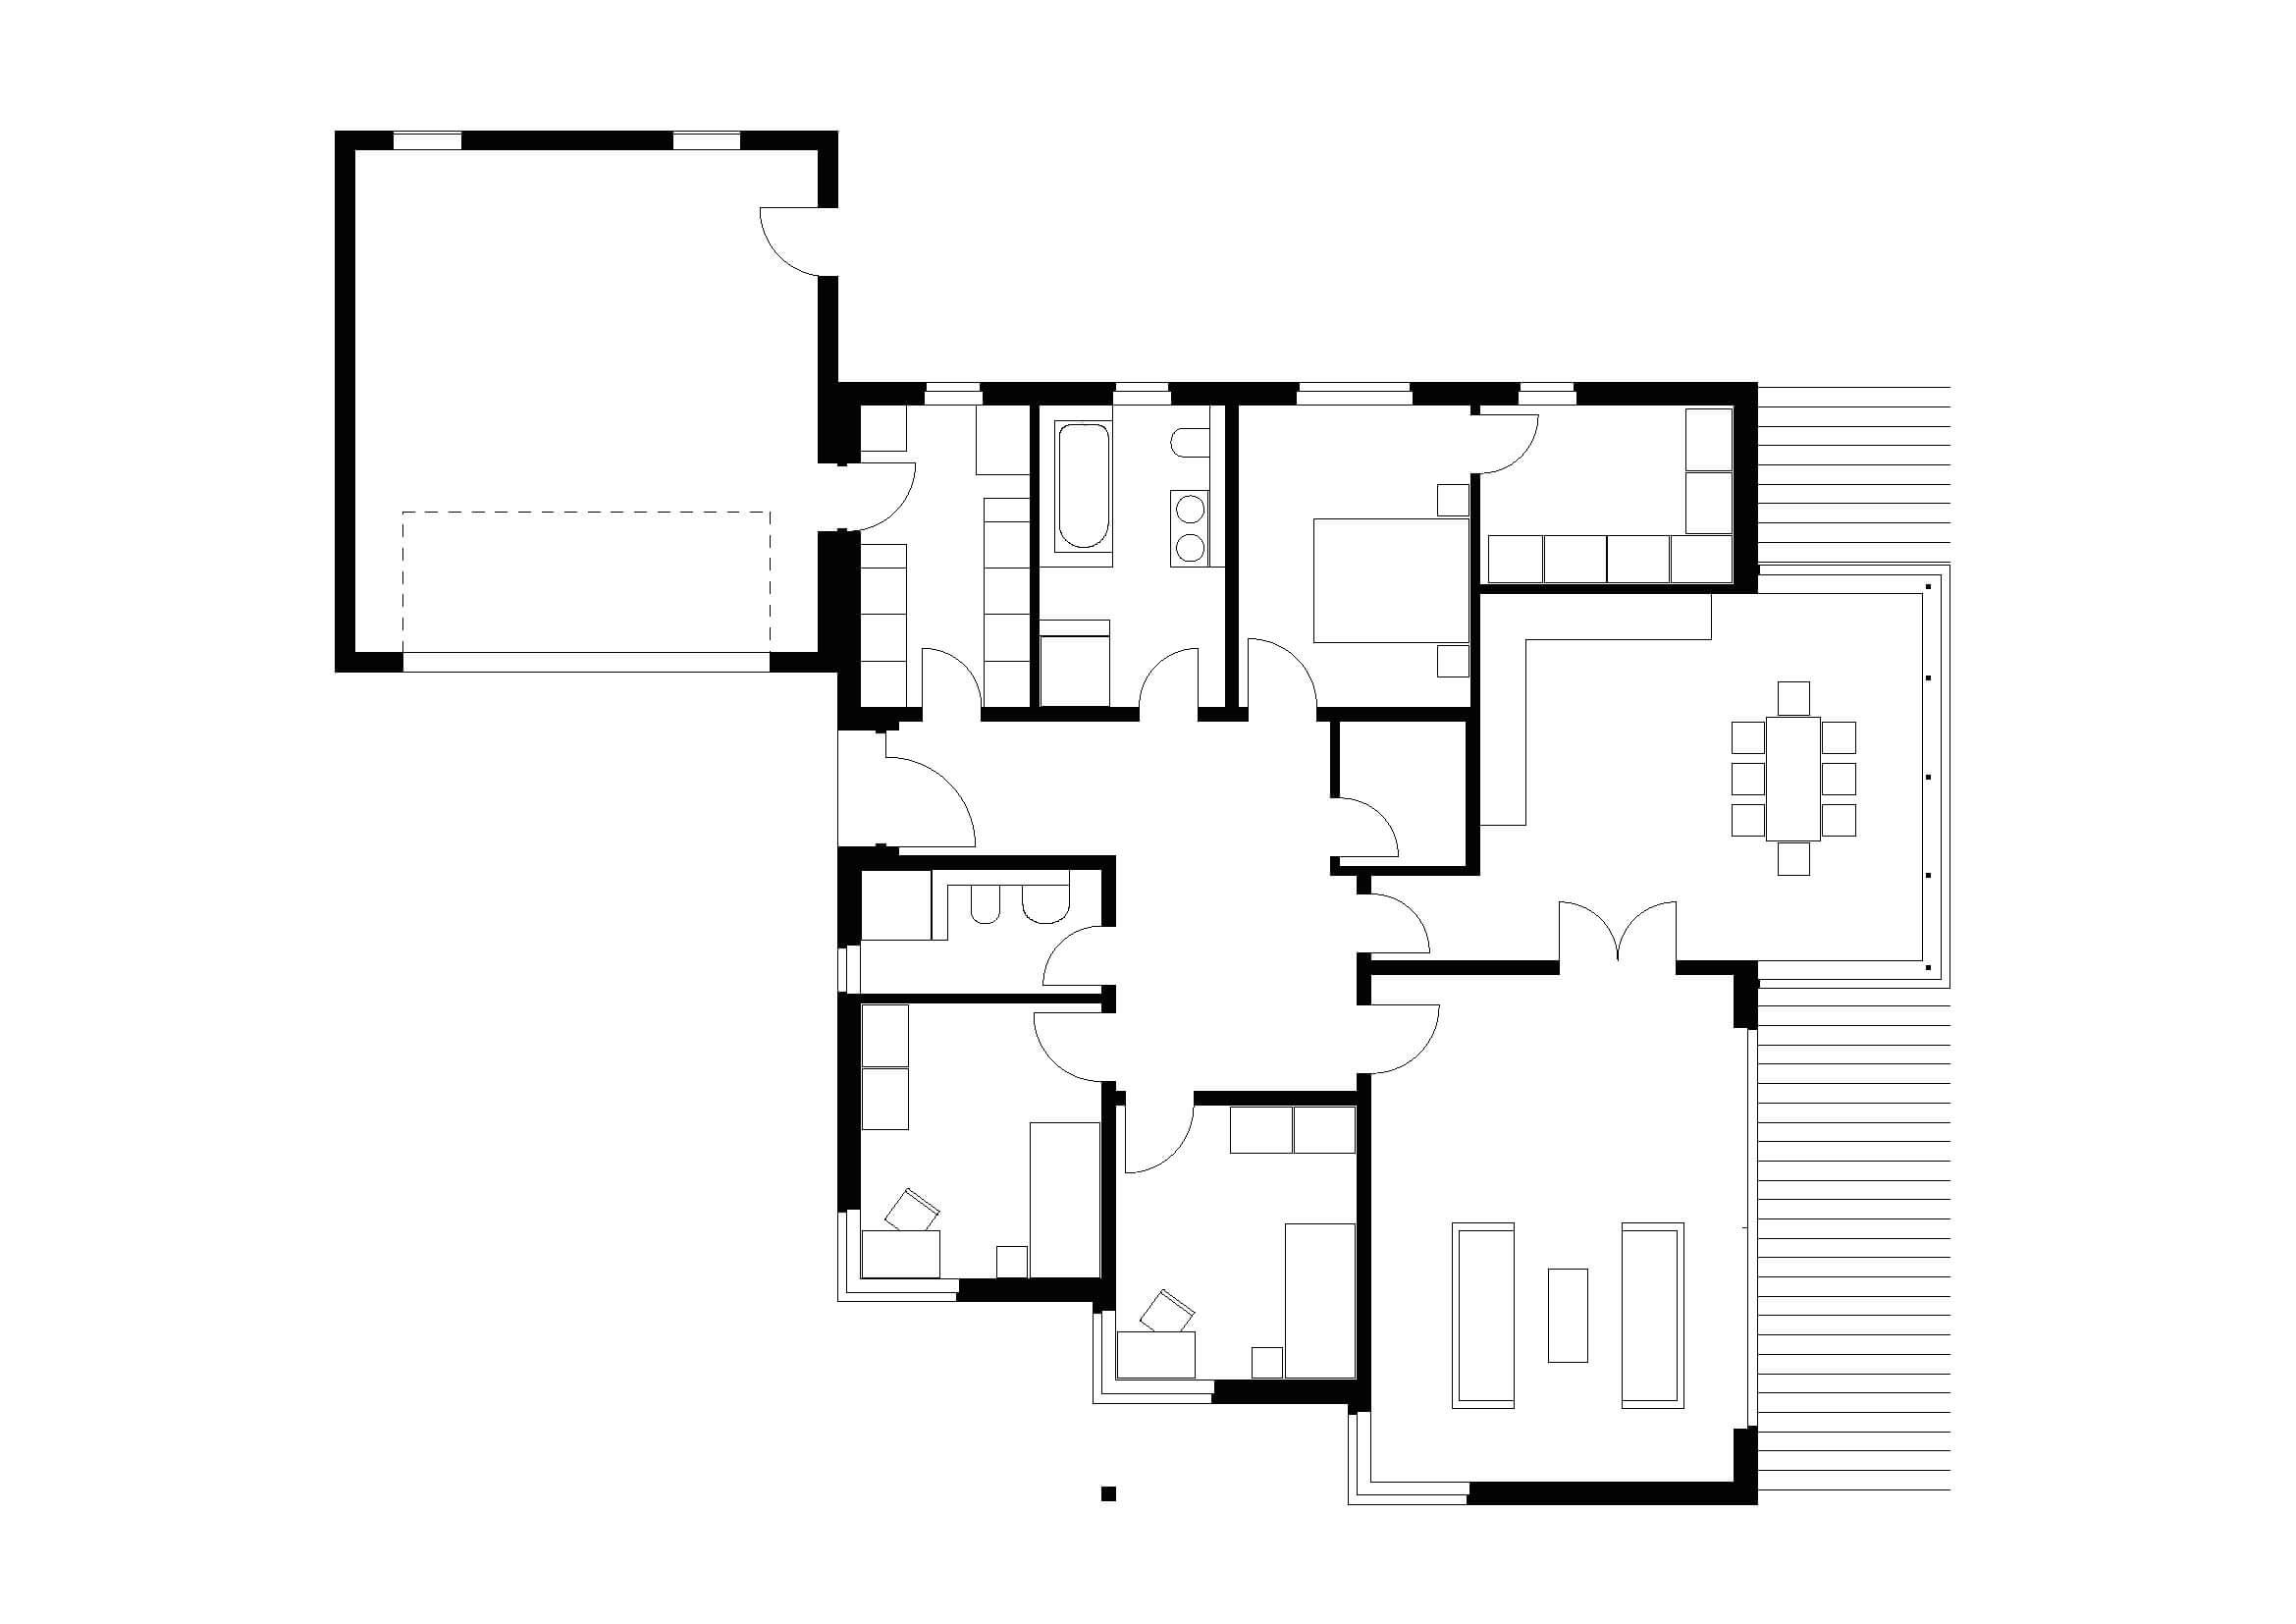 ᐅ Bungalow   T4   140 qm   KfW55   Bräuer Architekten Rostock